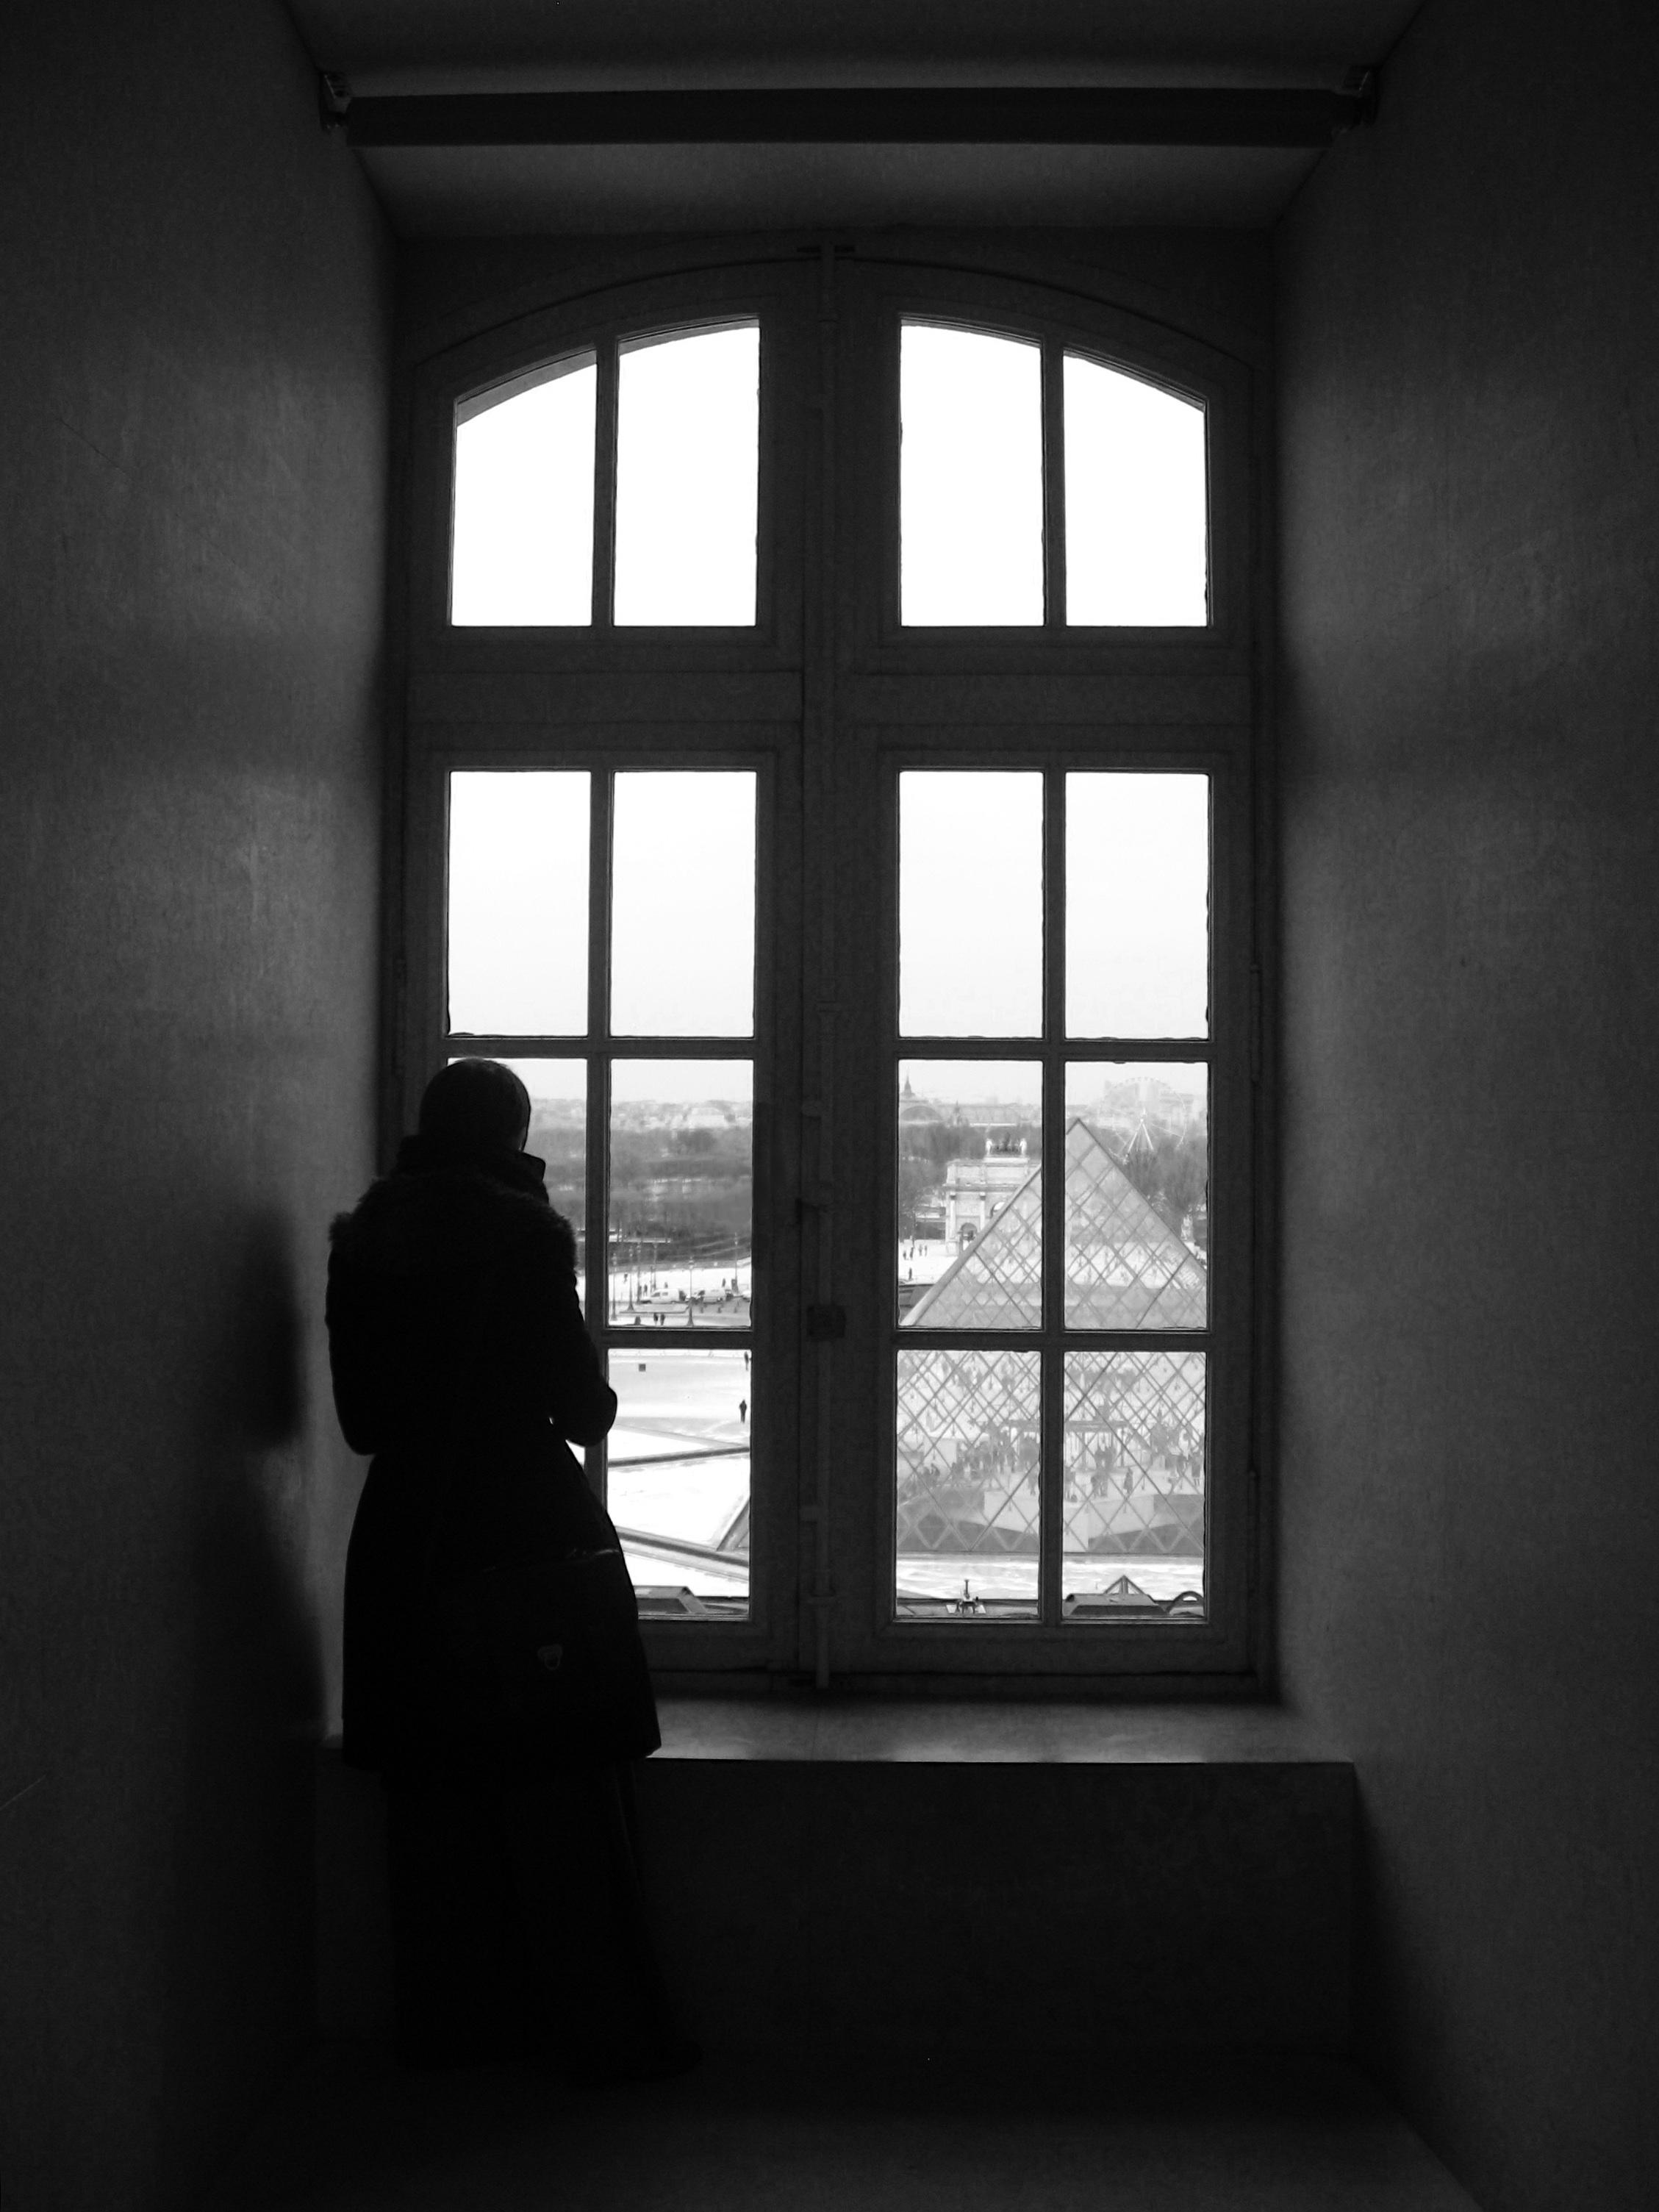 Gambar Cahaya Hitam Dan Putih Rumah Jendela Bayangan